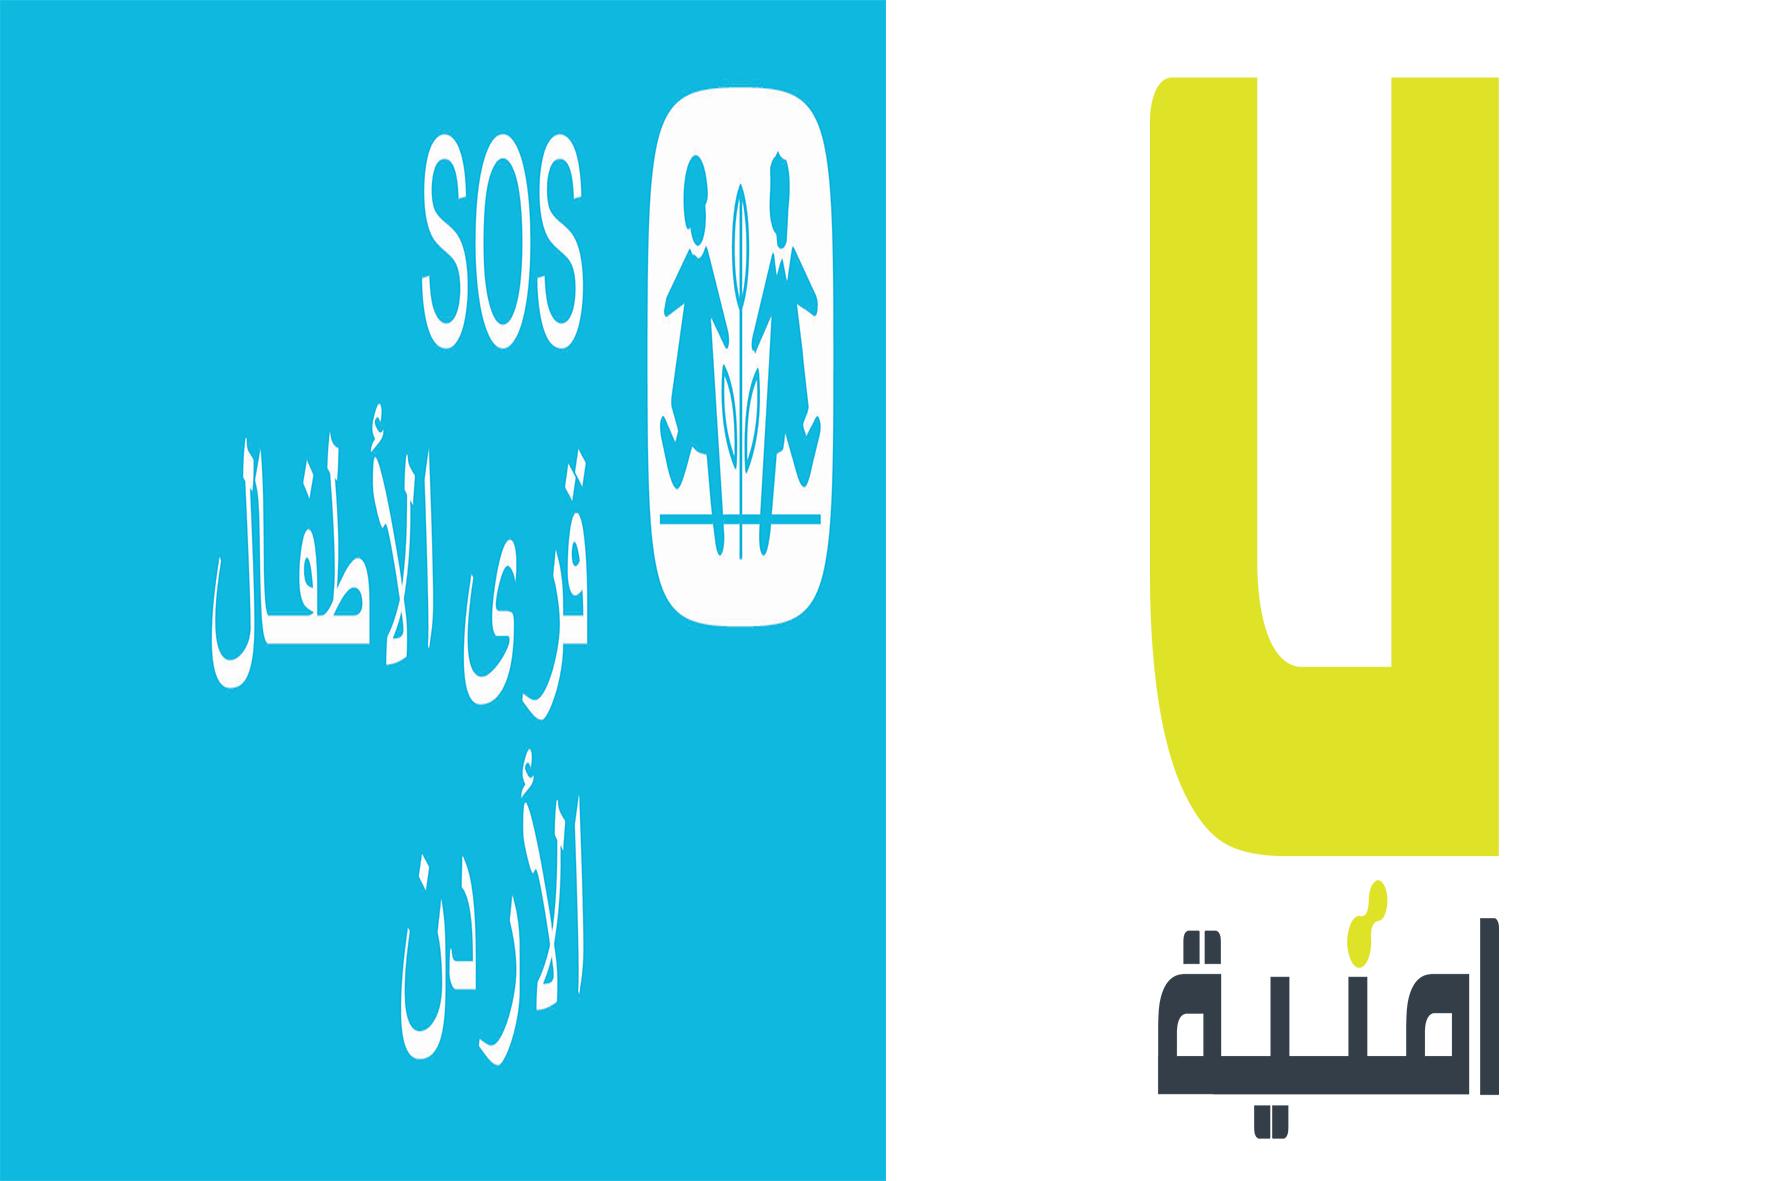 أمنية تدعم قرى الأطفال SOS وتتيح المجال لعملائها للتبرع عبر برنامج umnicoin